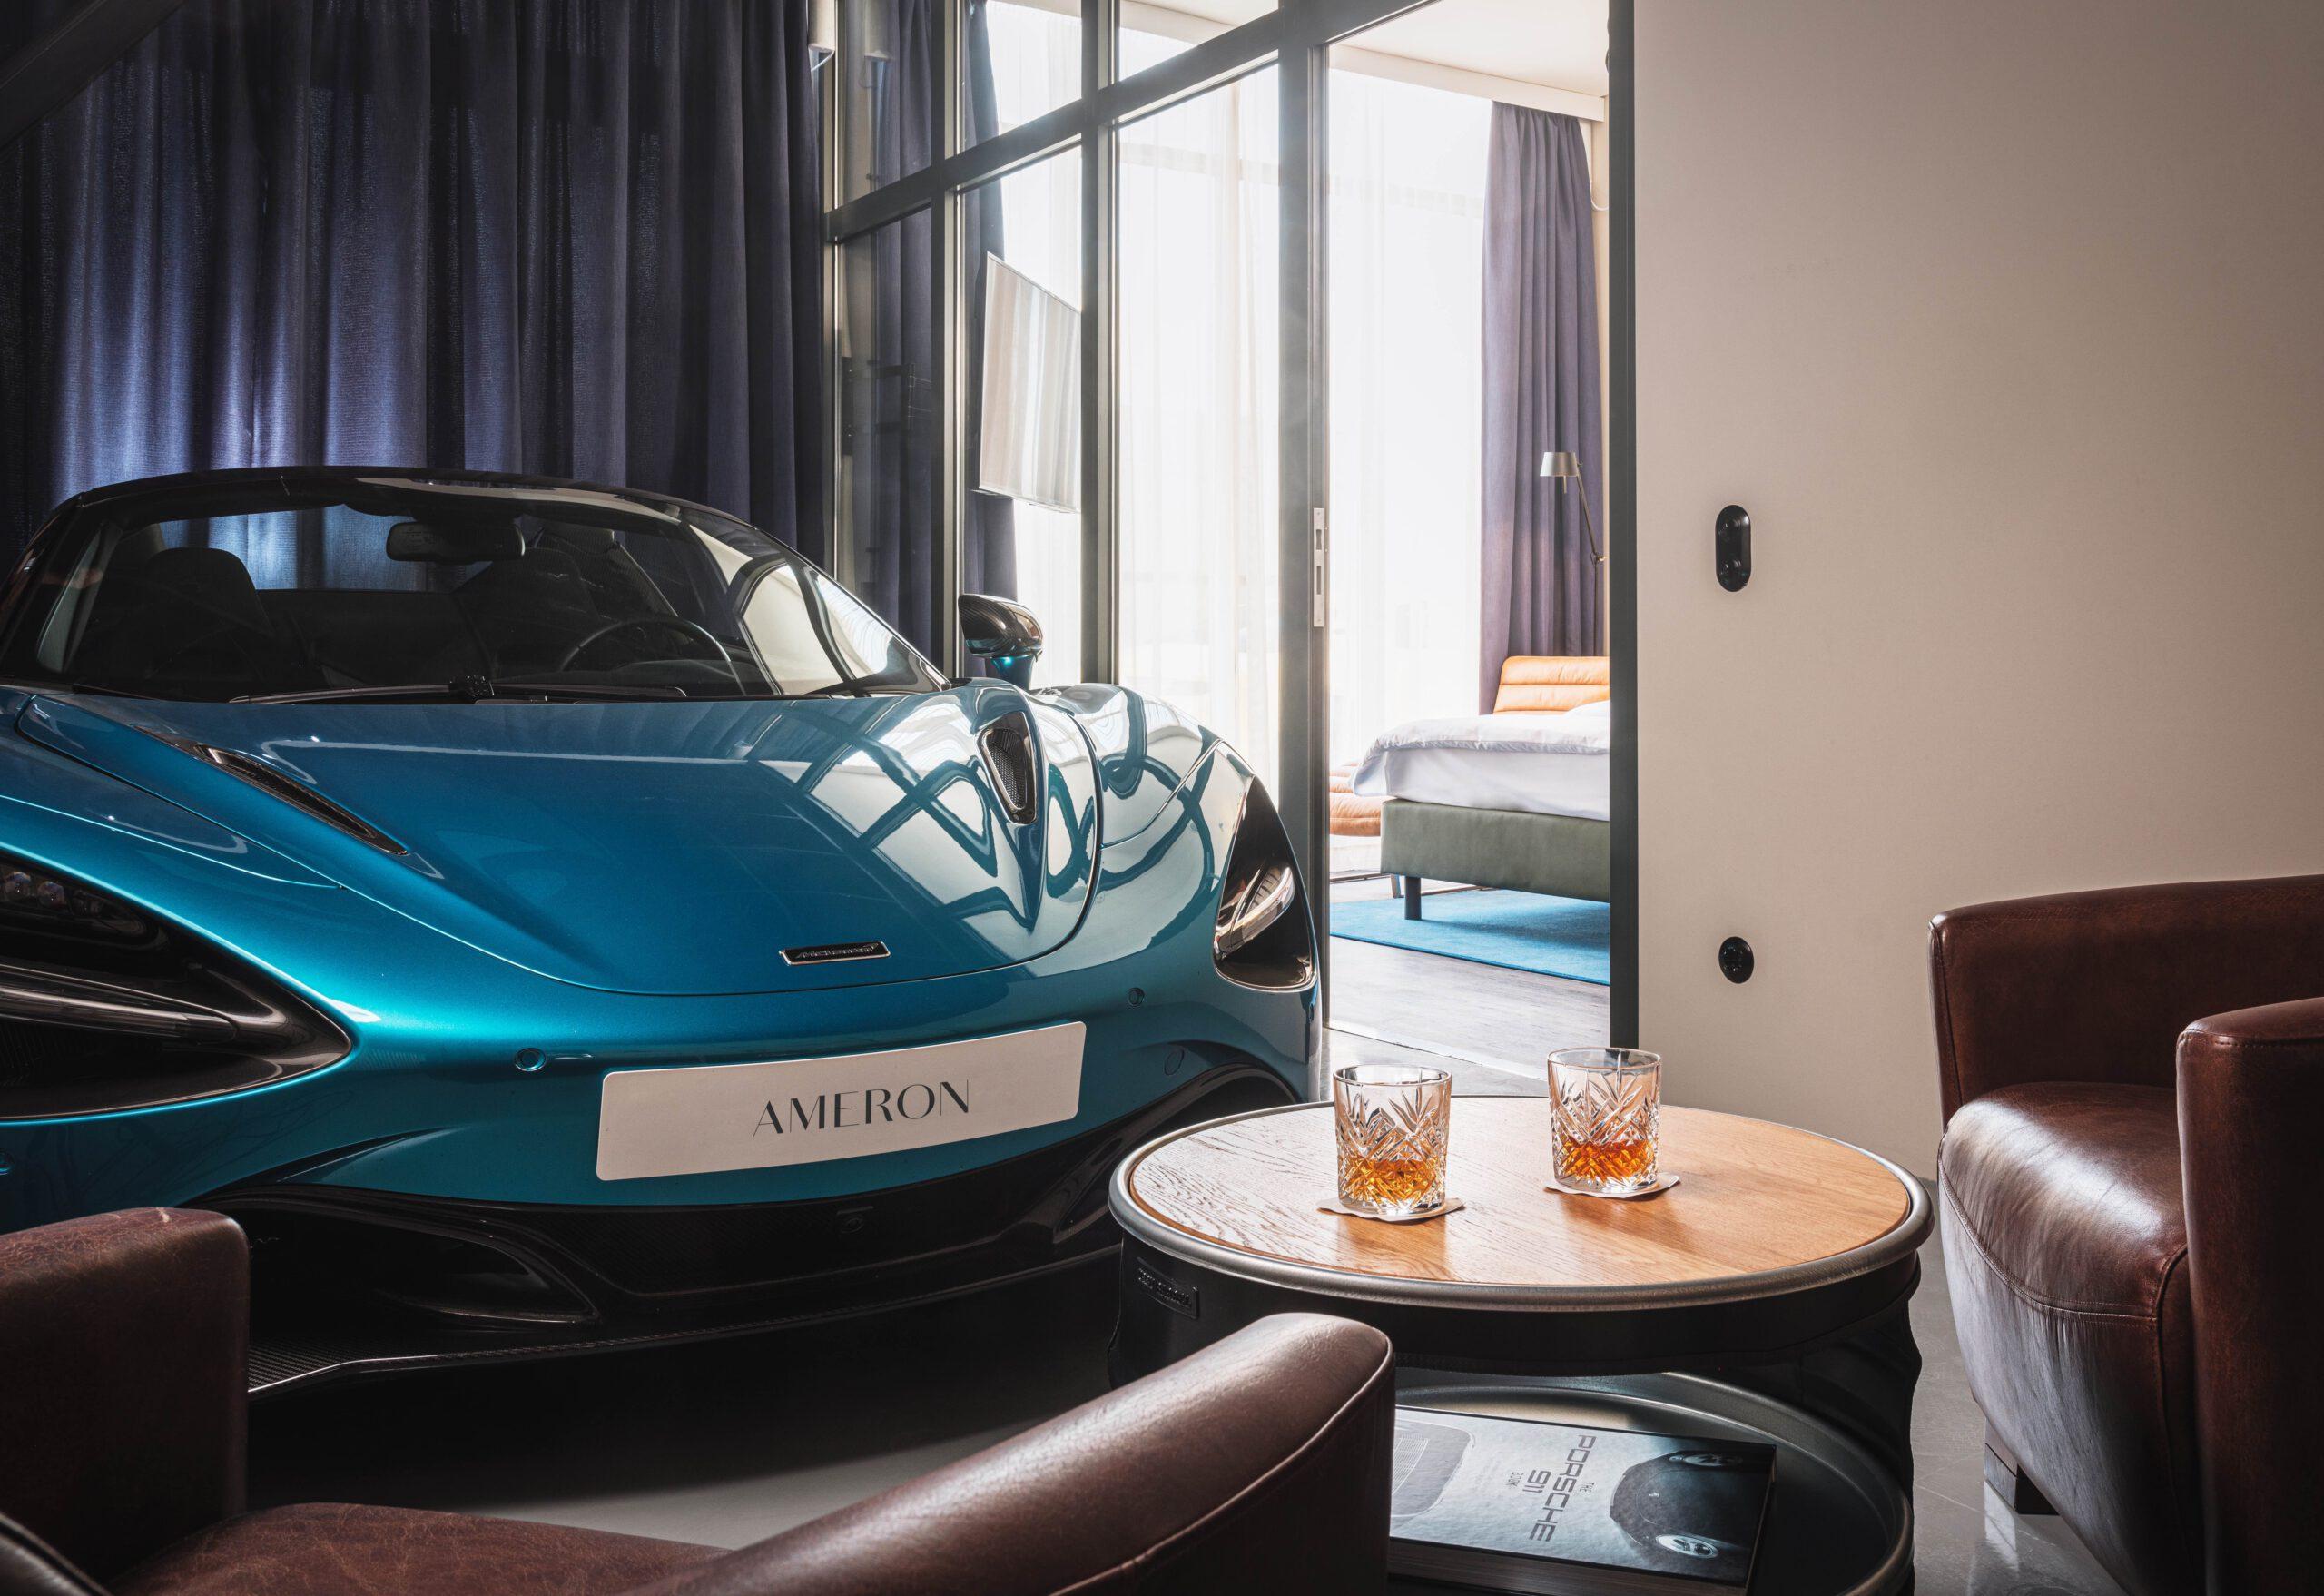 ameron münchen motorworld hotelneueröffnung 2021